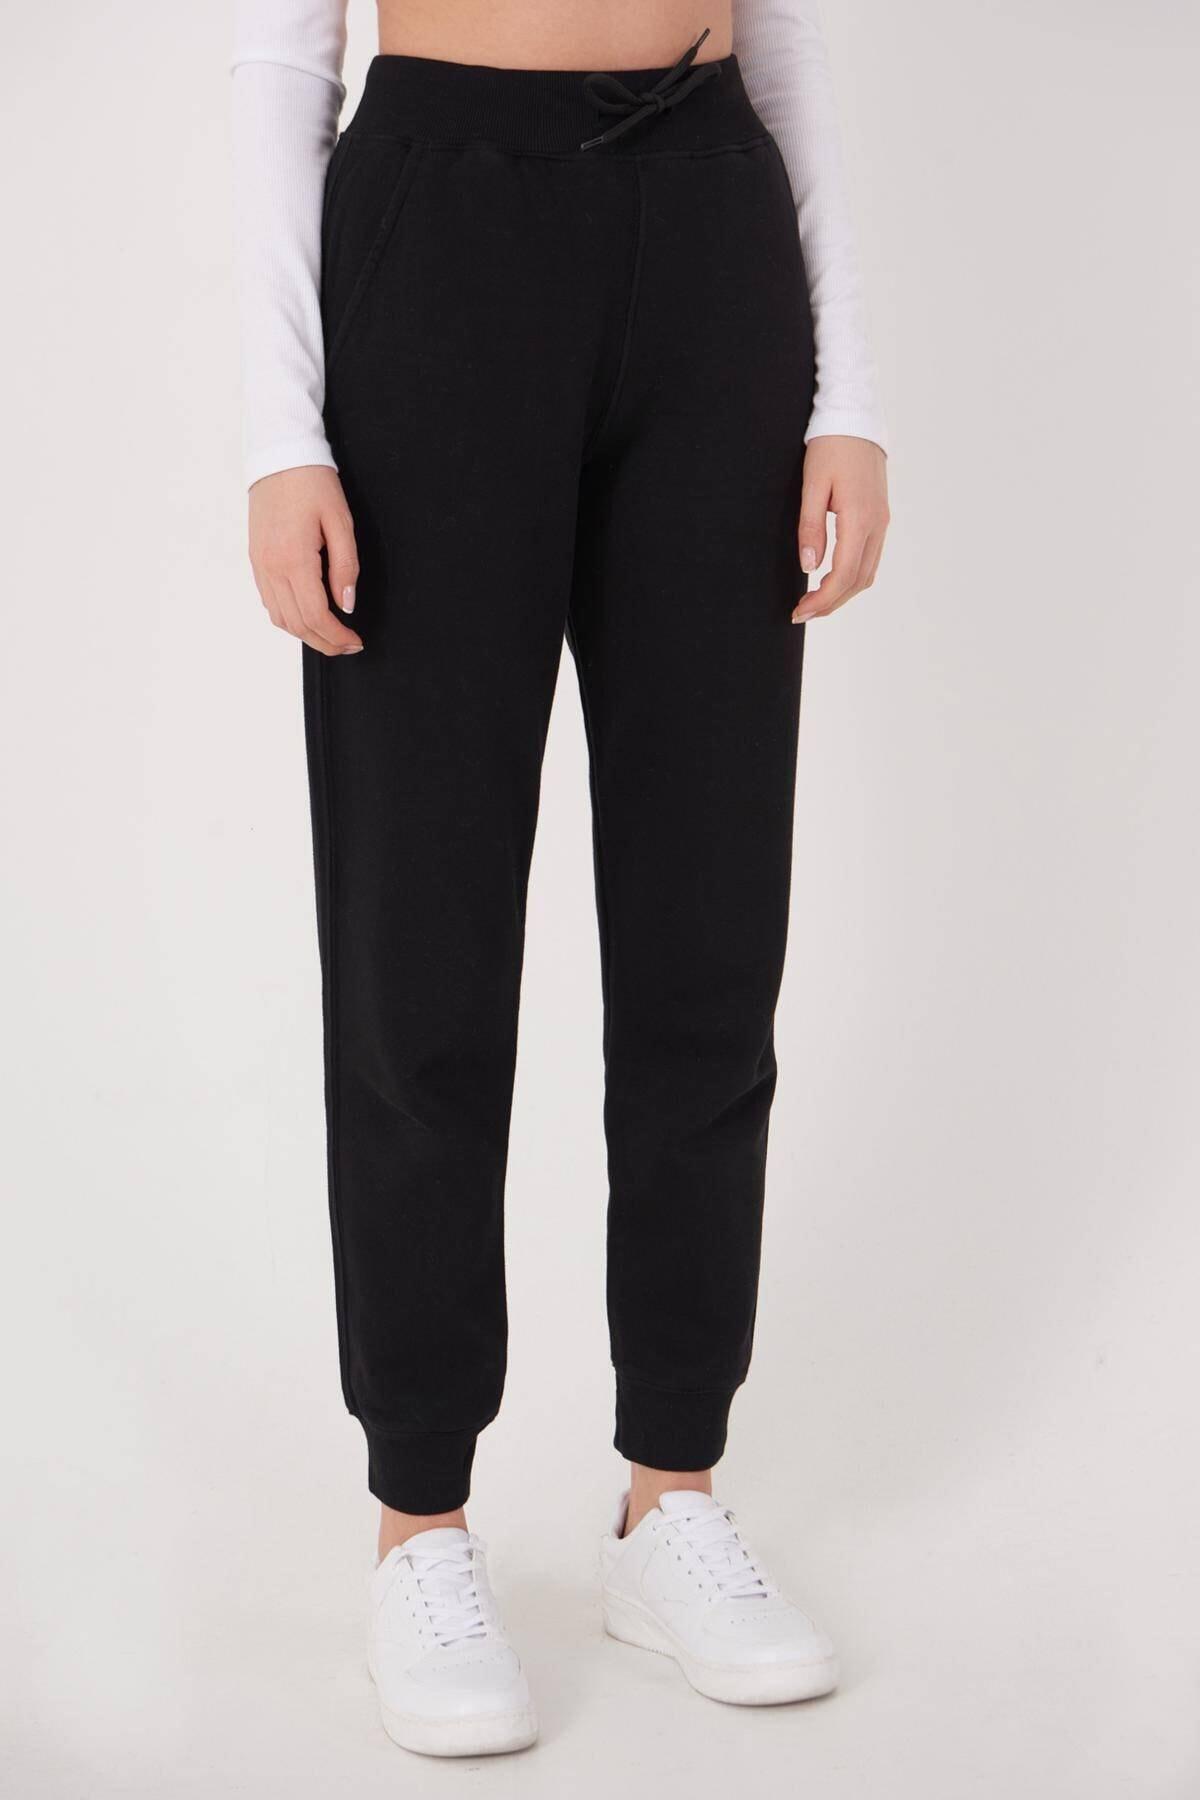 Addax Kadın Siyah Cep Detaylı Eşofman Eşf1040 - H10 Adx-0000022795 1